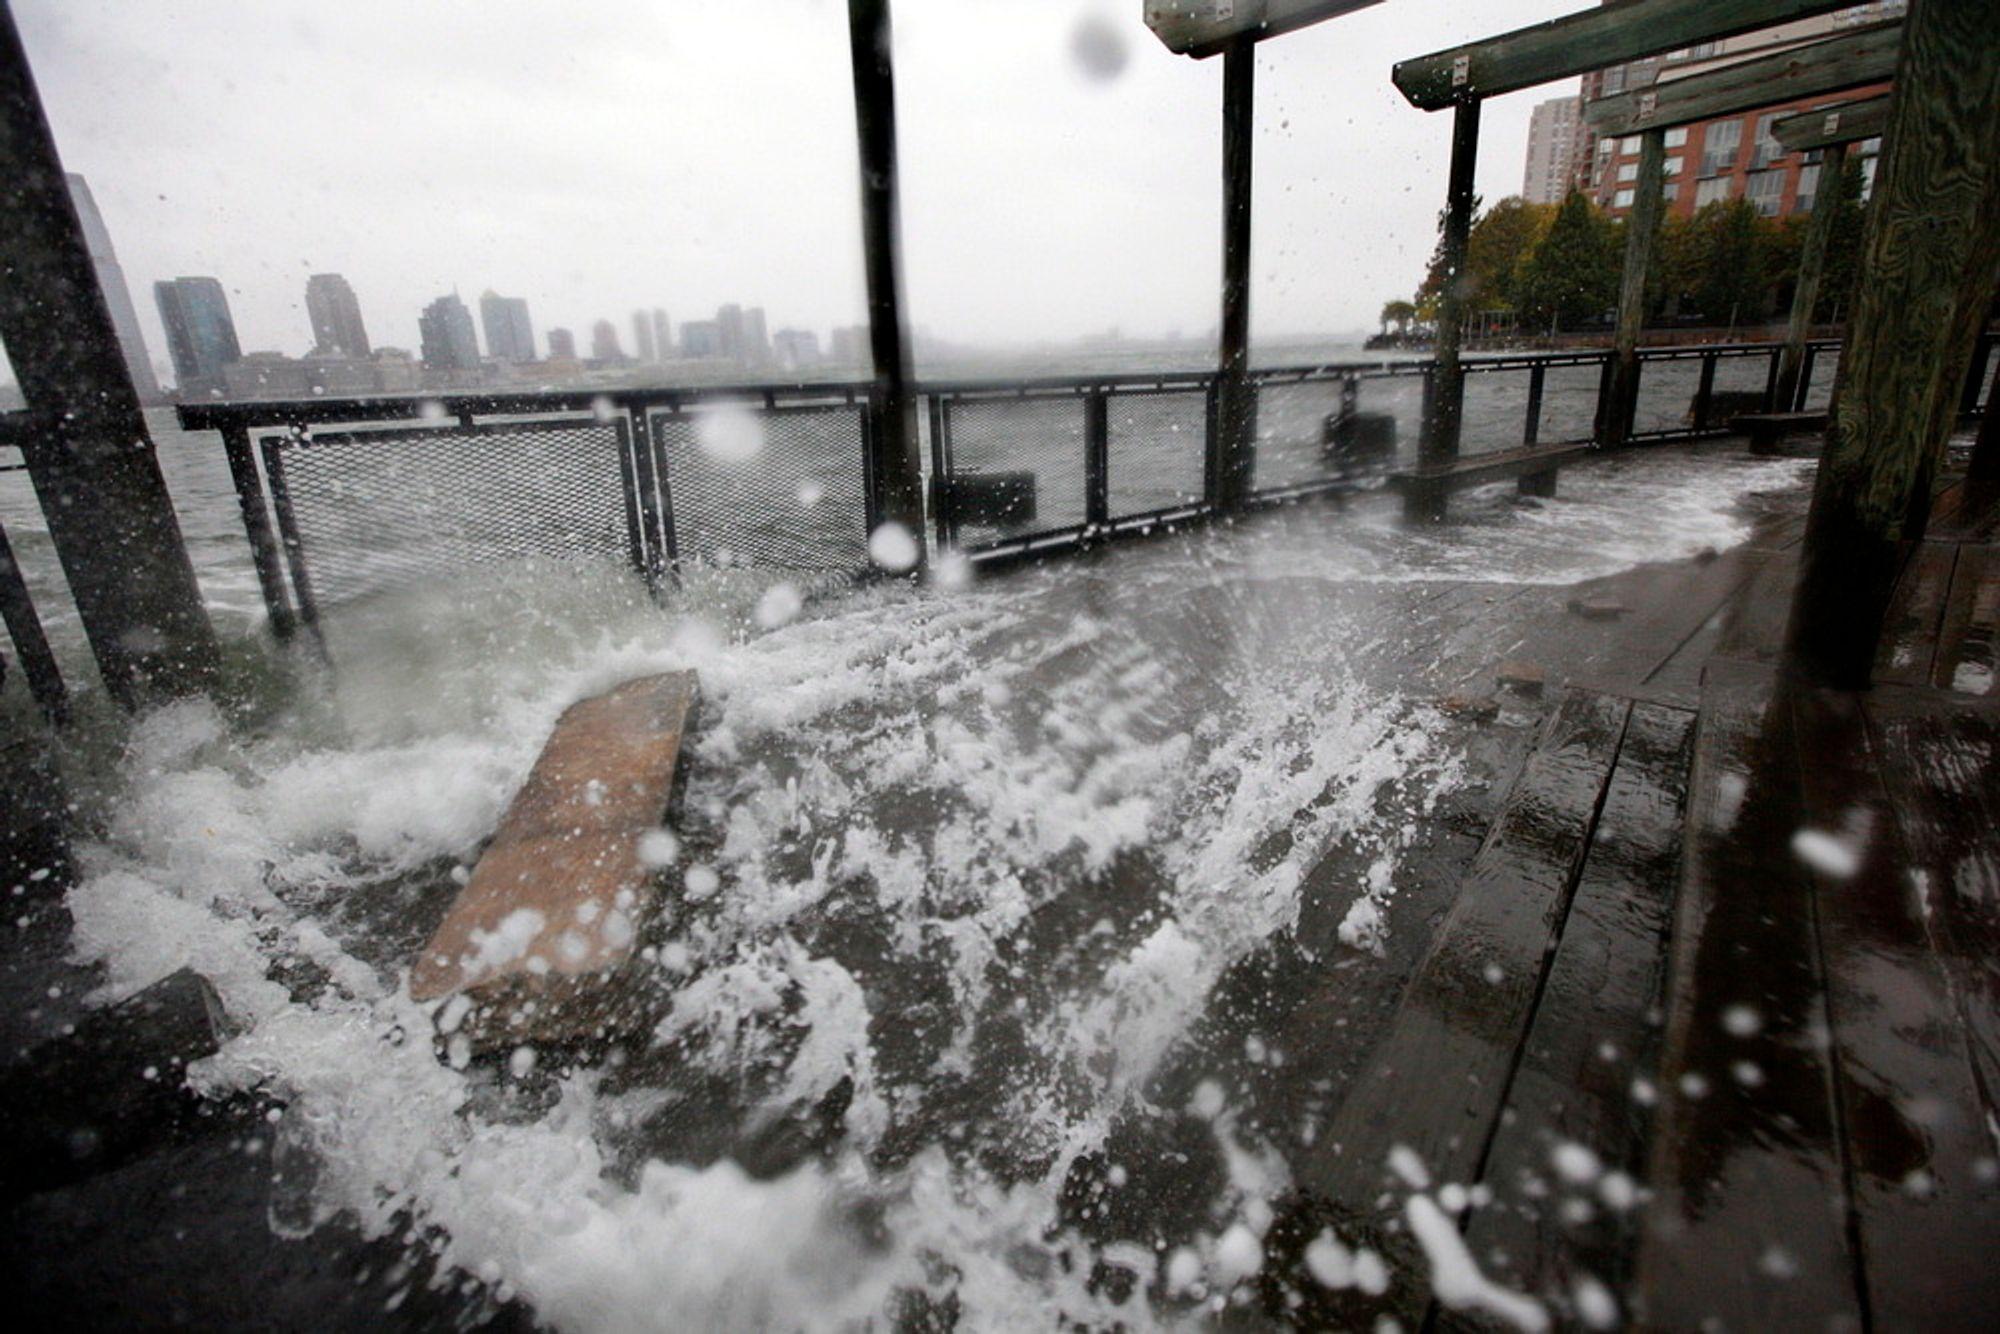 BLÅSER OPP: Vann fra Hudson River slår i land ved Battery Park. New York er i beredskap før orkanen Sandy.